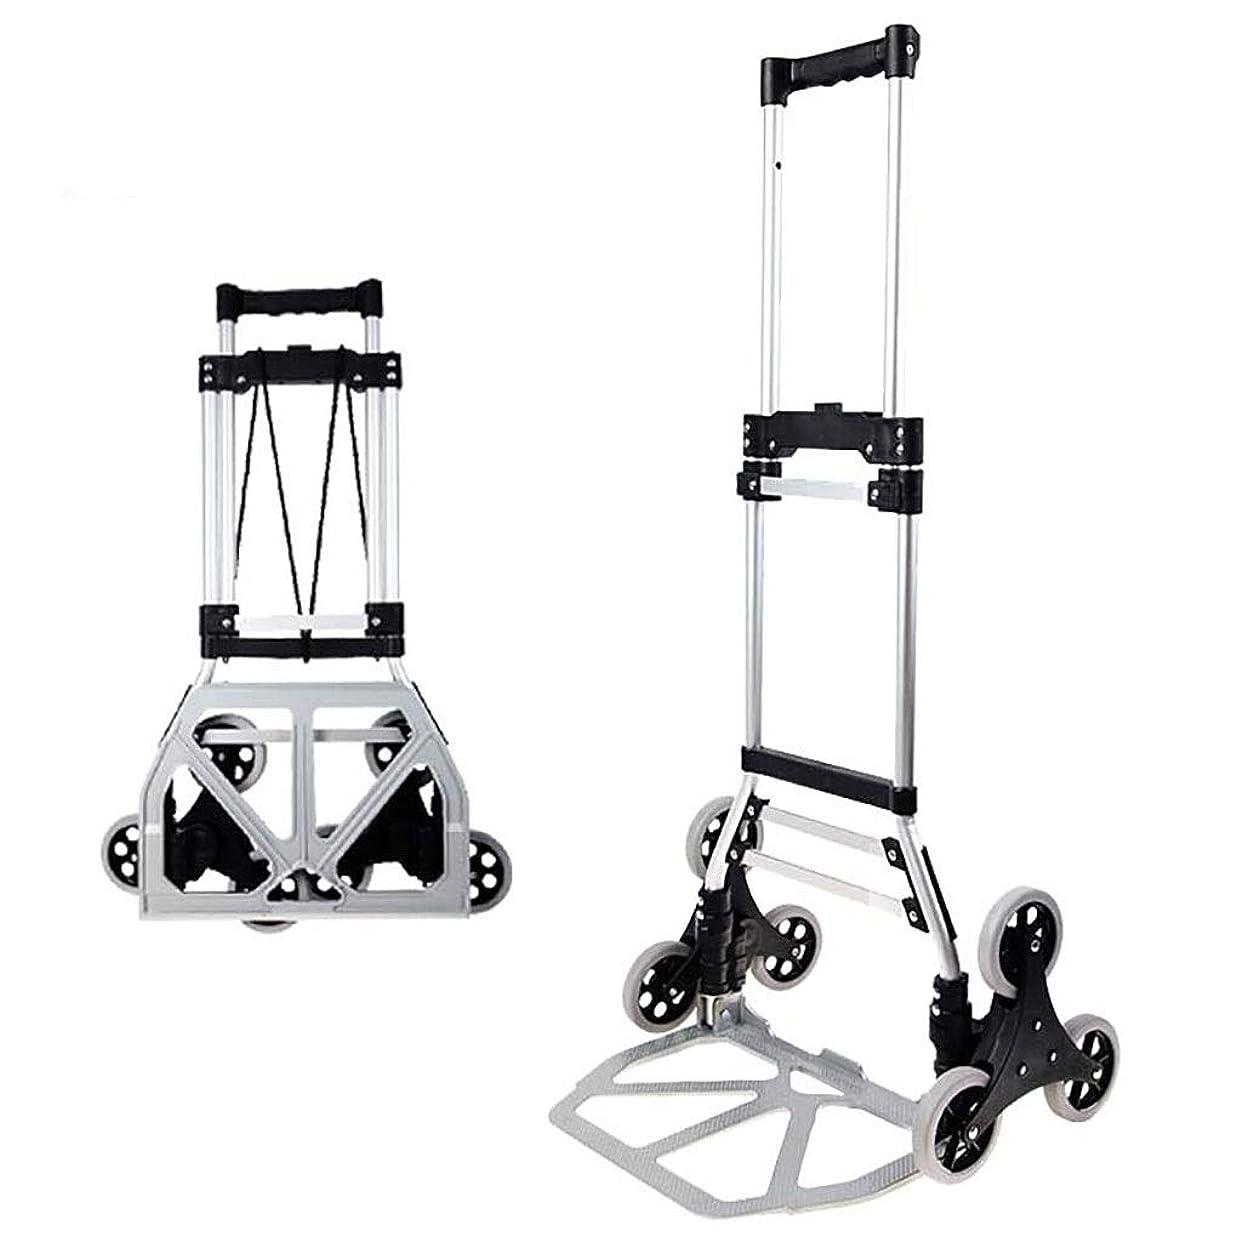 逃れるジャングルばかげているMBDXHJ アルミ合金ポータブルハンドカート荷物トロリー折りたたみ式ドリーカート、移動用品およびショッピング用-耐荷重70kg-ブラック/ブルー (Color : Black)